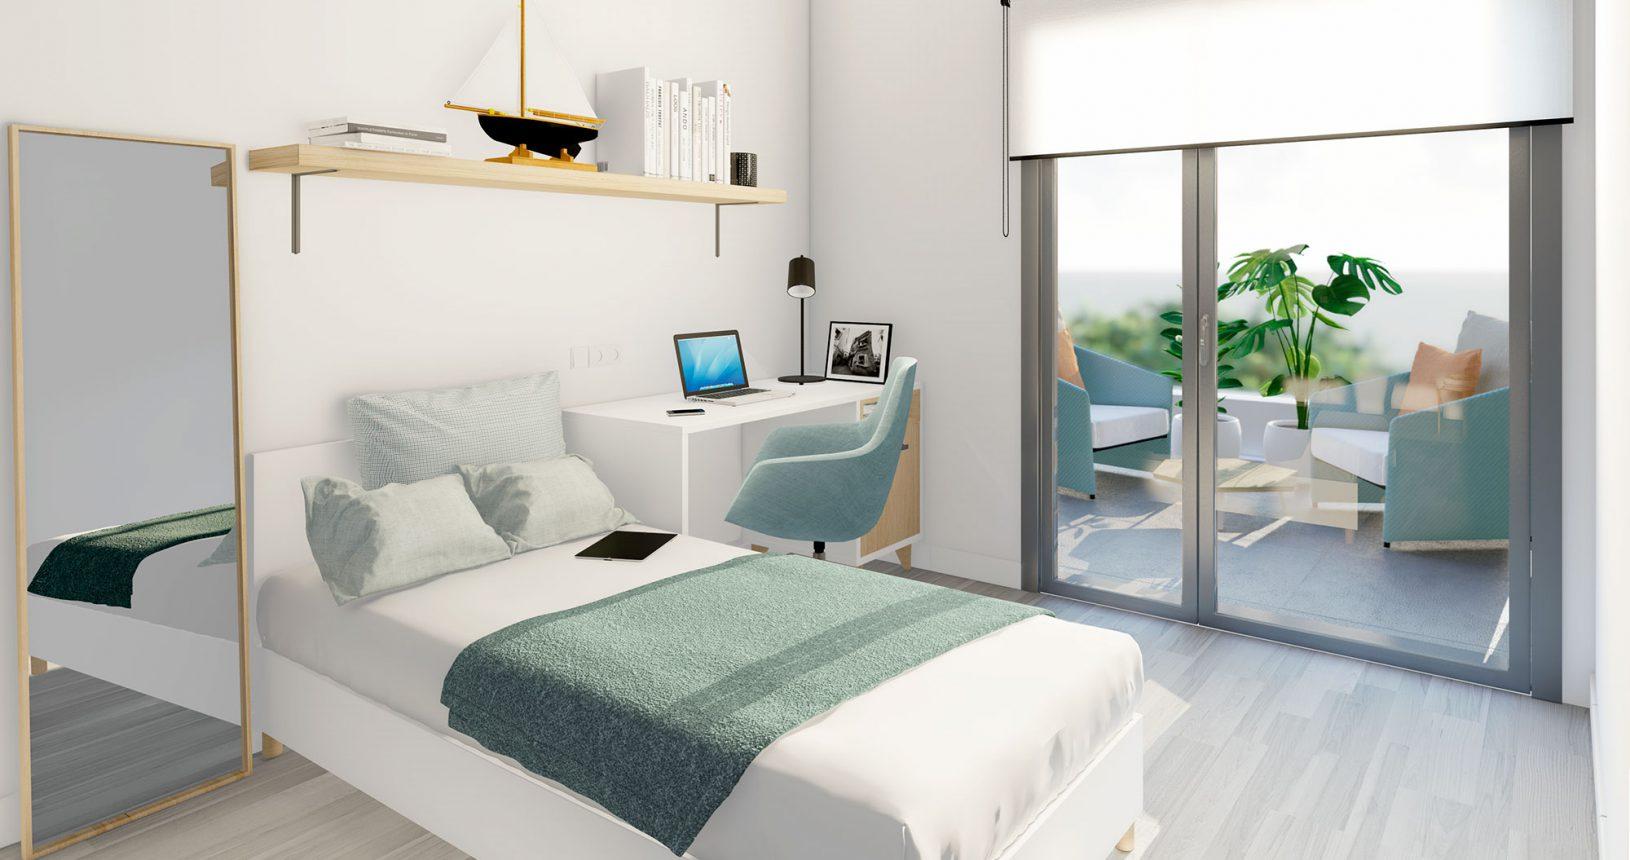 Promoción Paramera Inmobiliaria Ciencasas Paiporta habitación